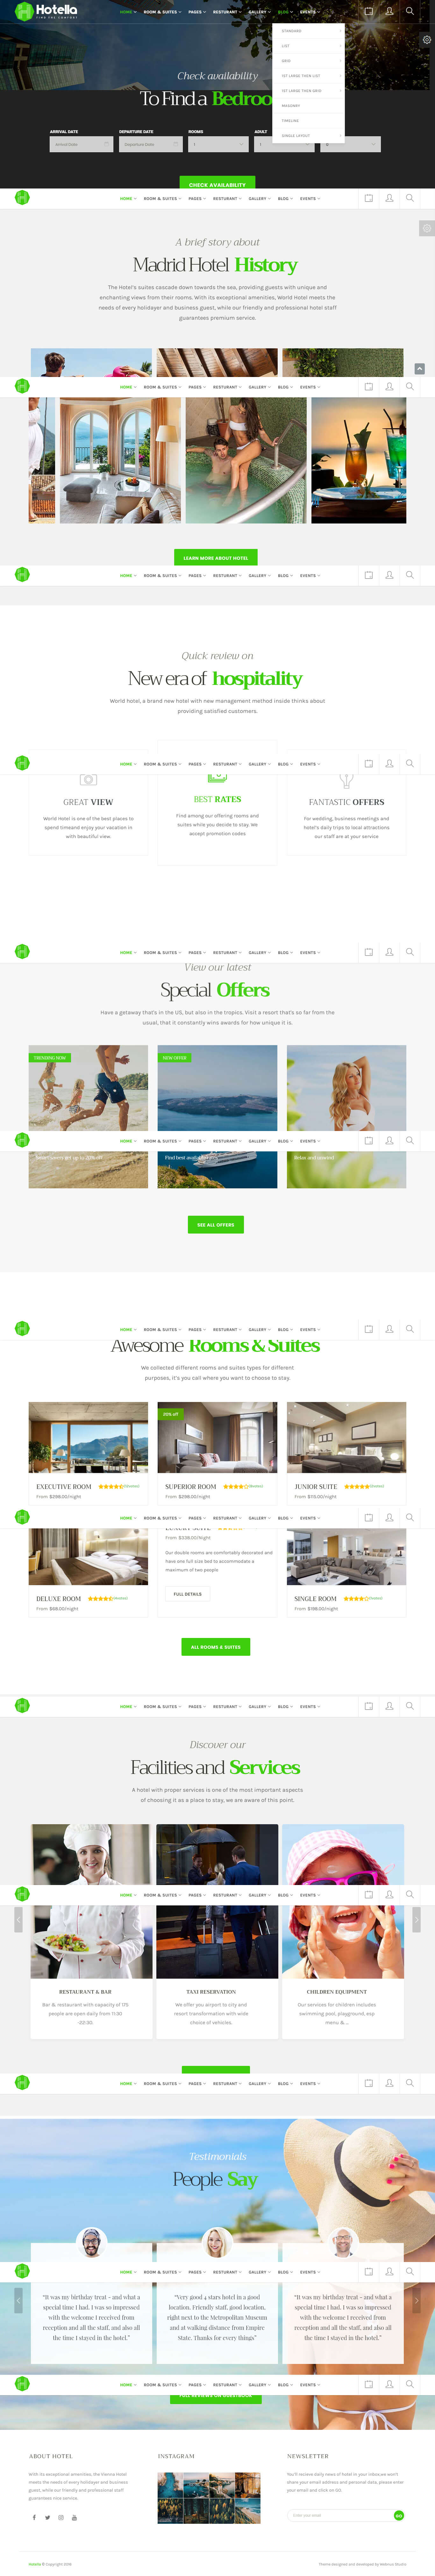 thiết kế website nhà hàng, khách sạn madrid